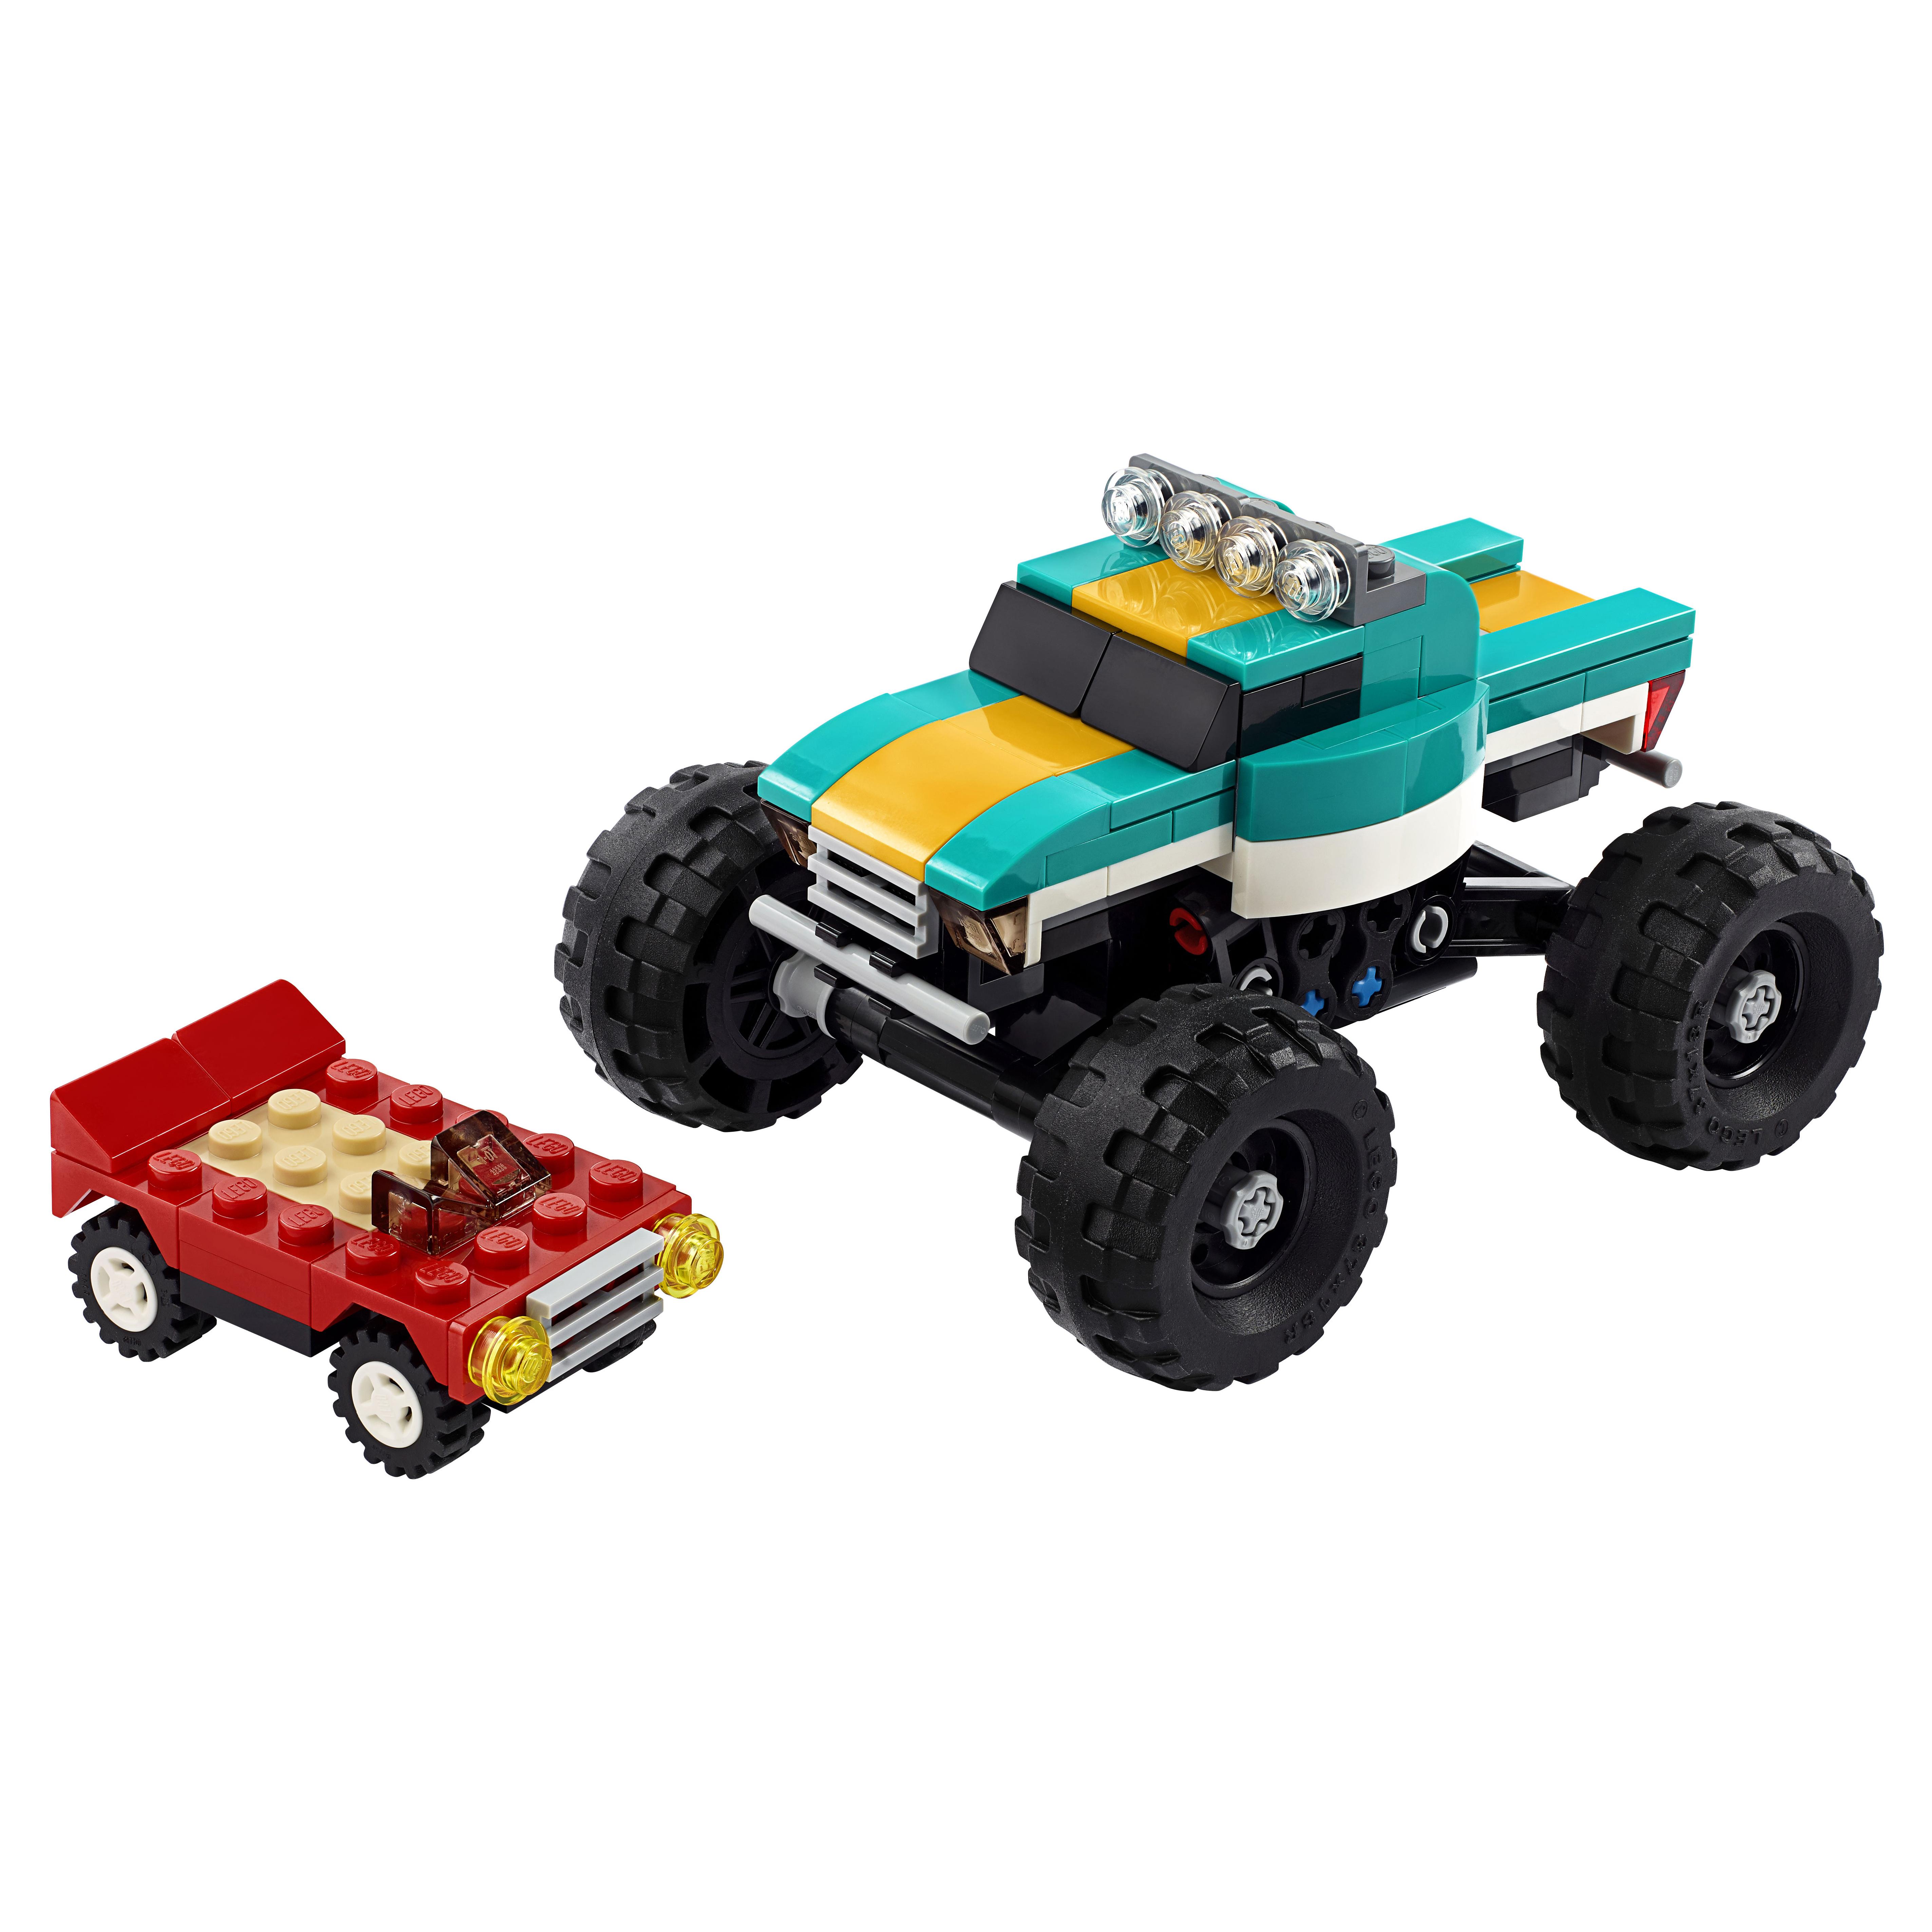 Конструктор LEGO Creator 31101 Монстр трак